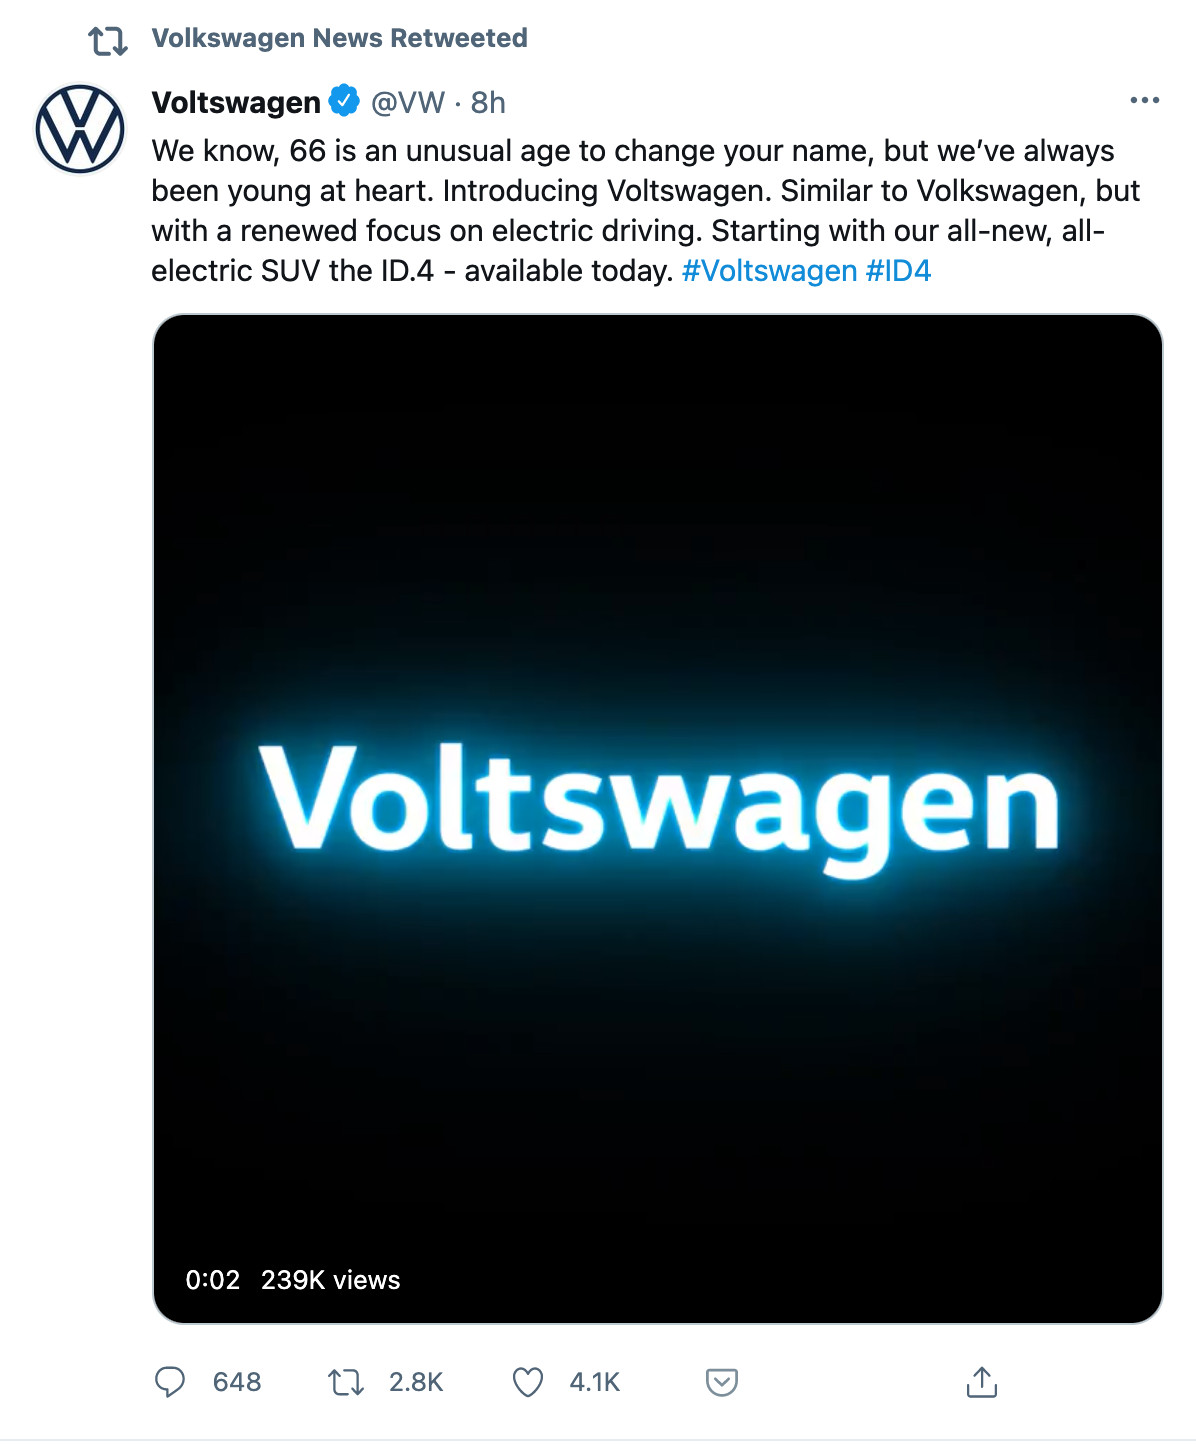 Повідомлення Volkswagen про перейменування було опубліковано 29 березня